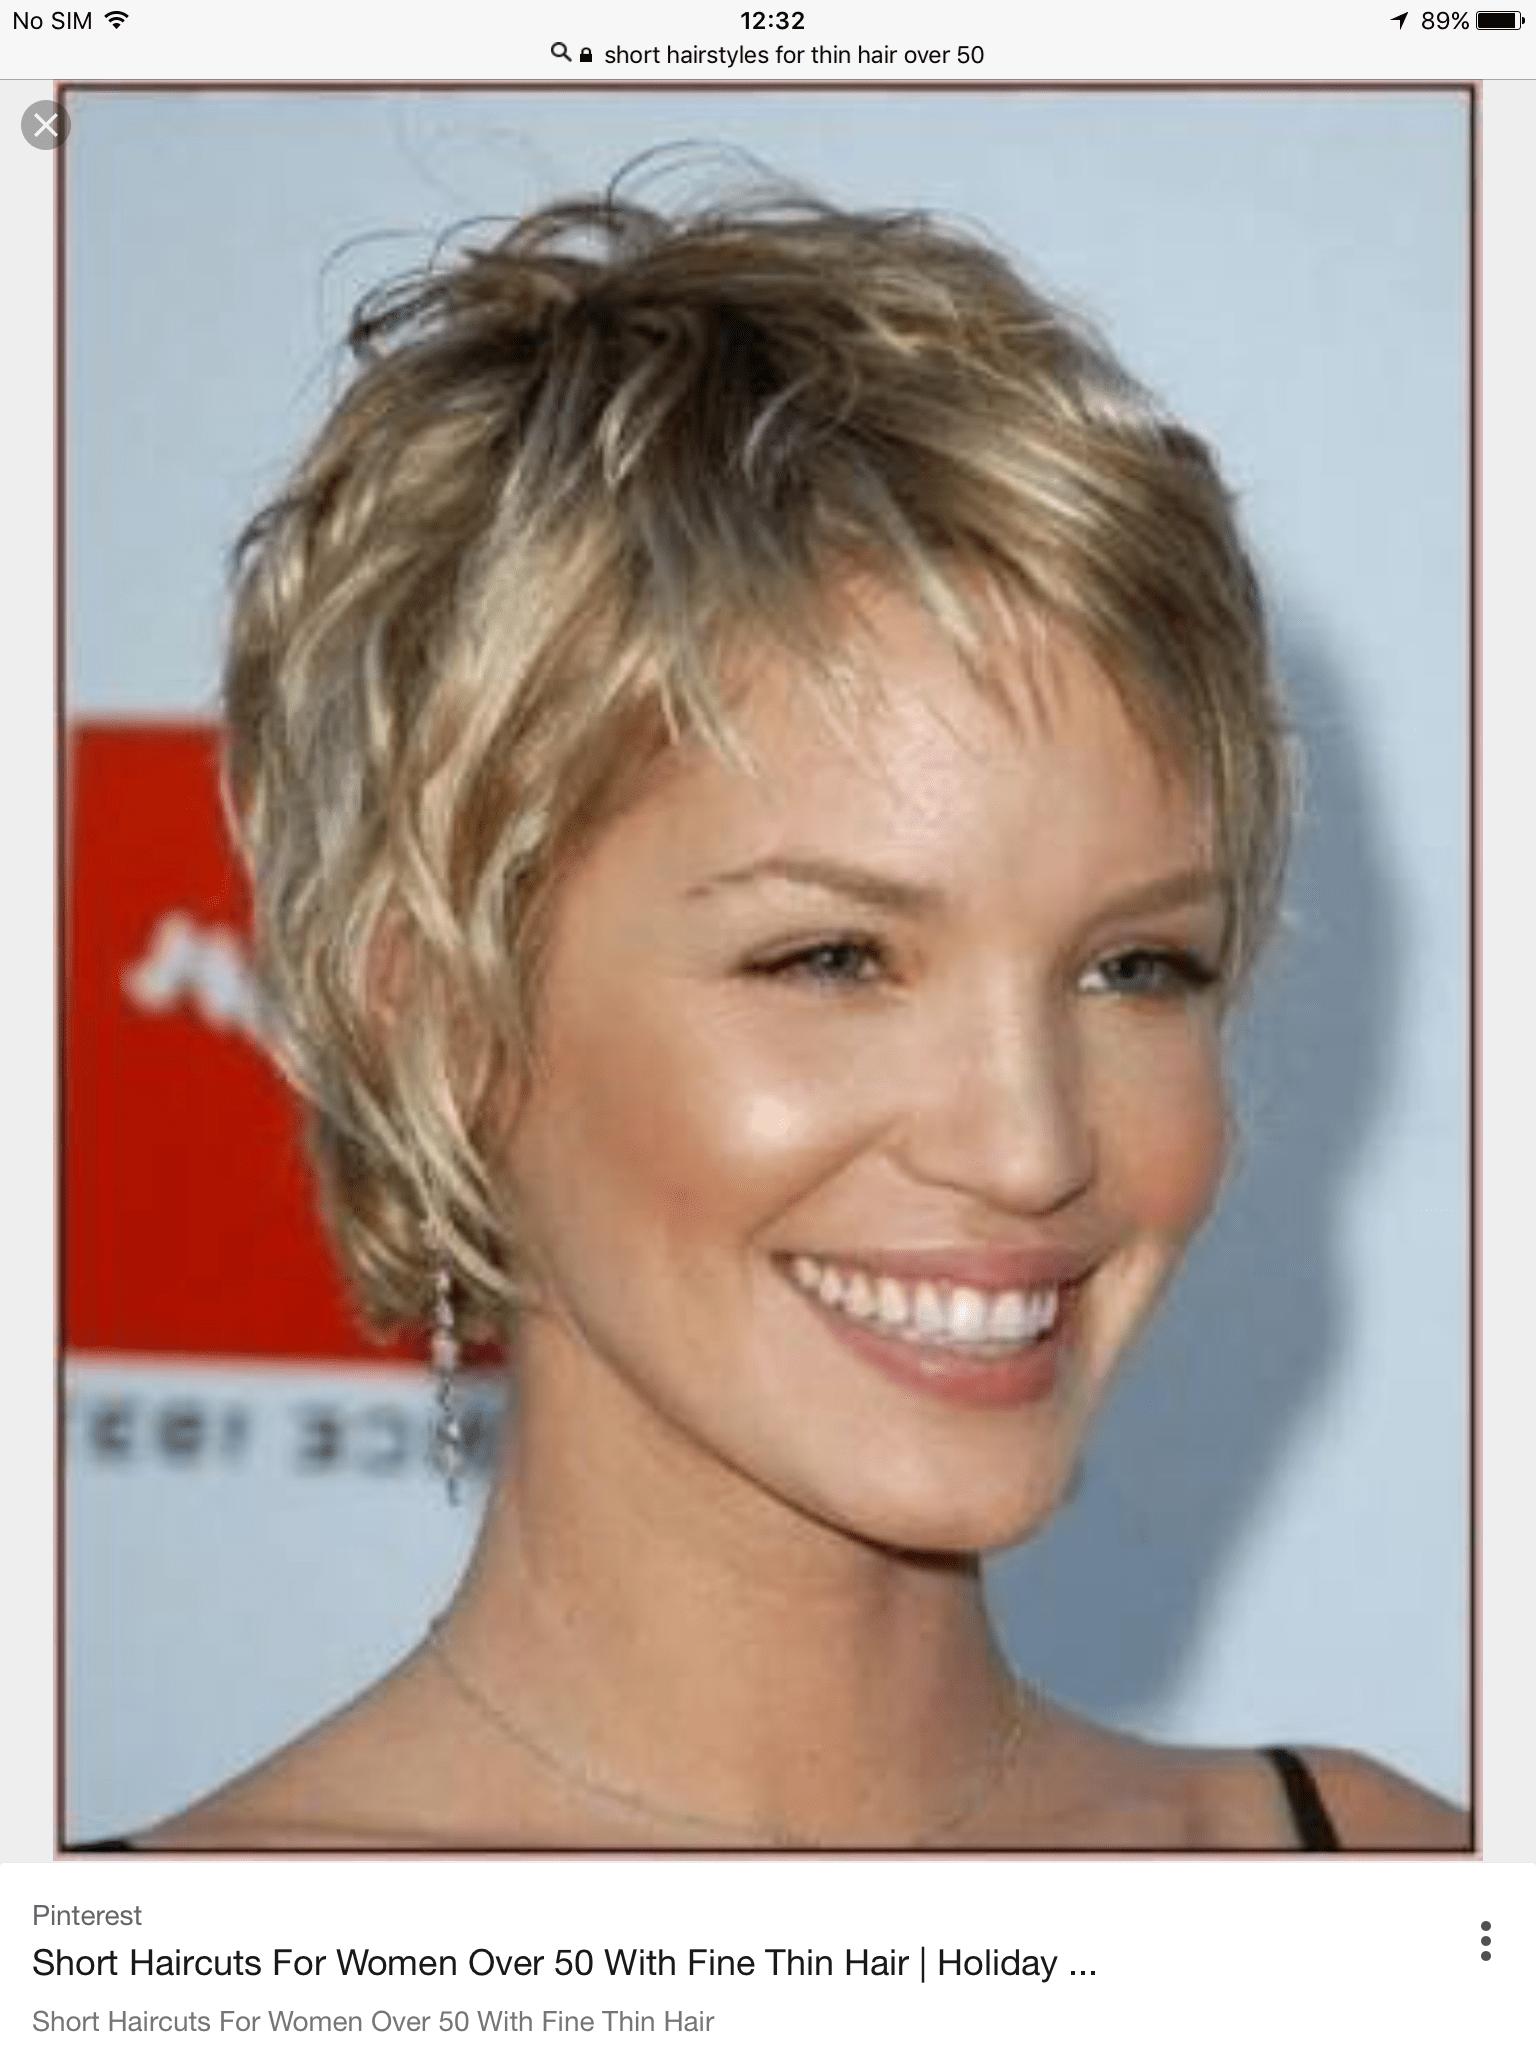 Inspirierende Frisuren für Frauen mit dünner werdendem Haar - Neu